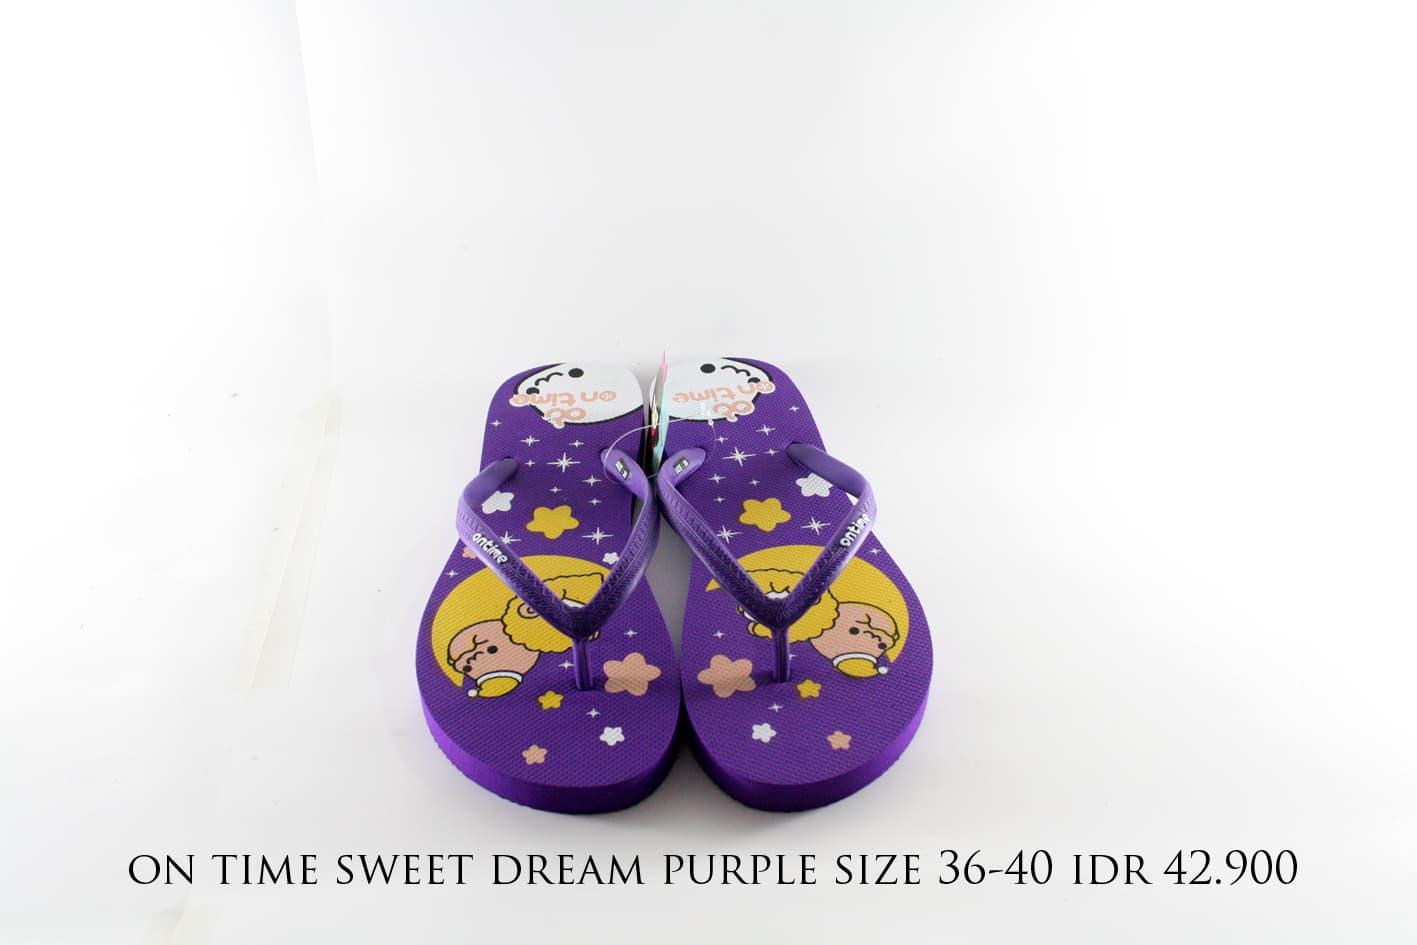 Jual on time sweet dream sandal jepit wanita ungu & merah - batikchiara   Tokopedia